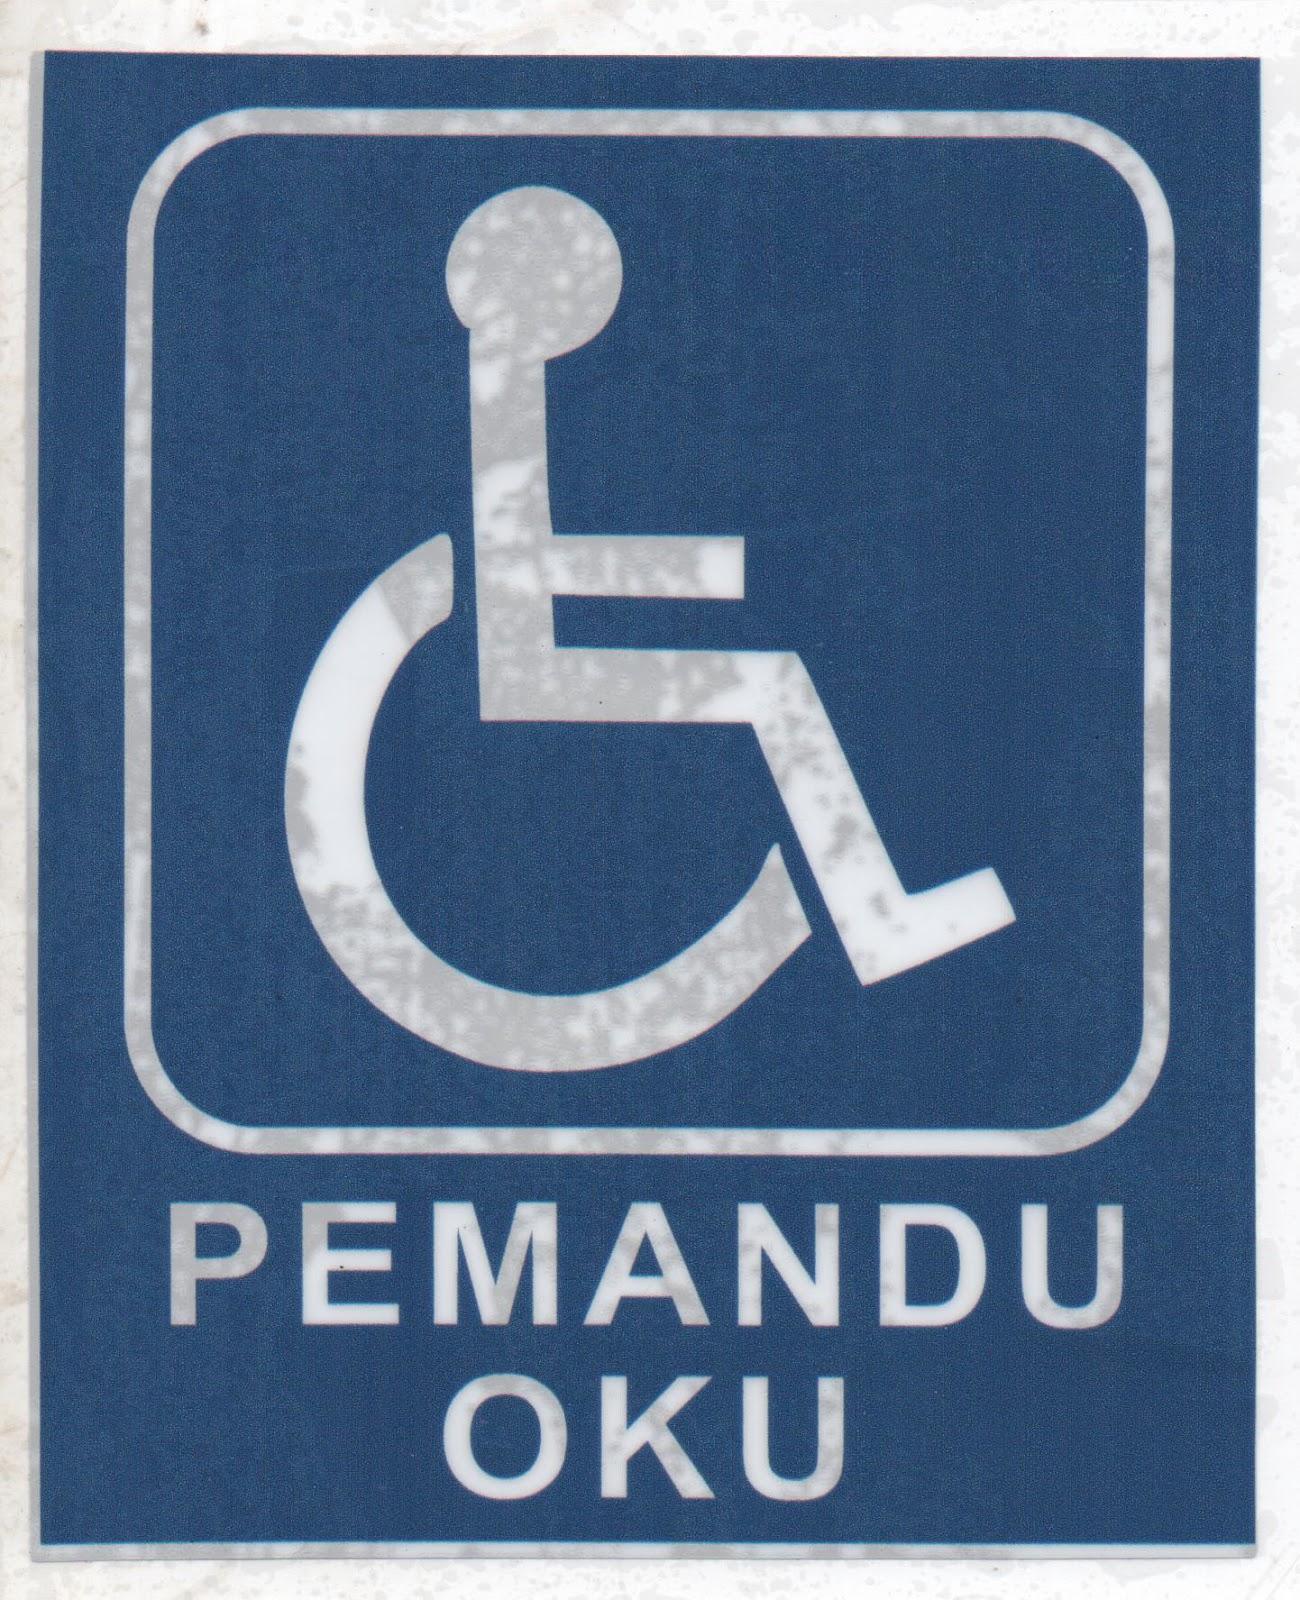 Car sticker design selangor - Blue Square Pemandu Oku Glass Reversed Sticker No 119 1 G